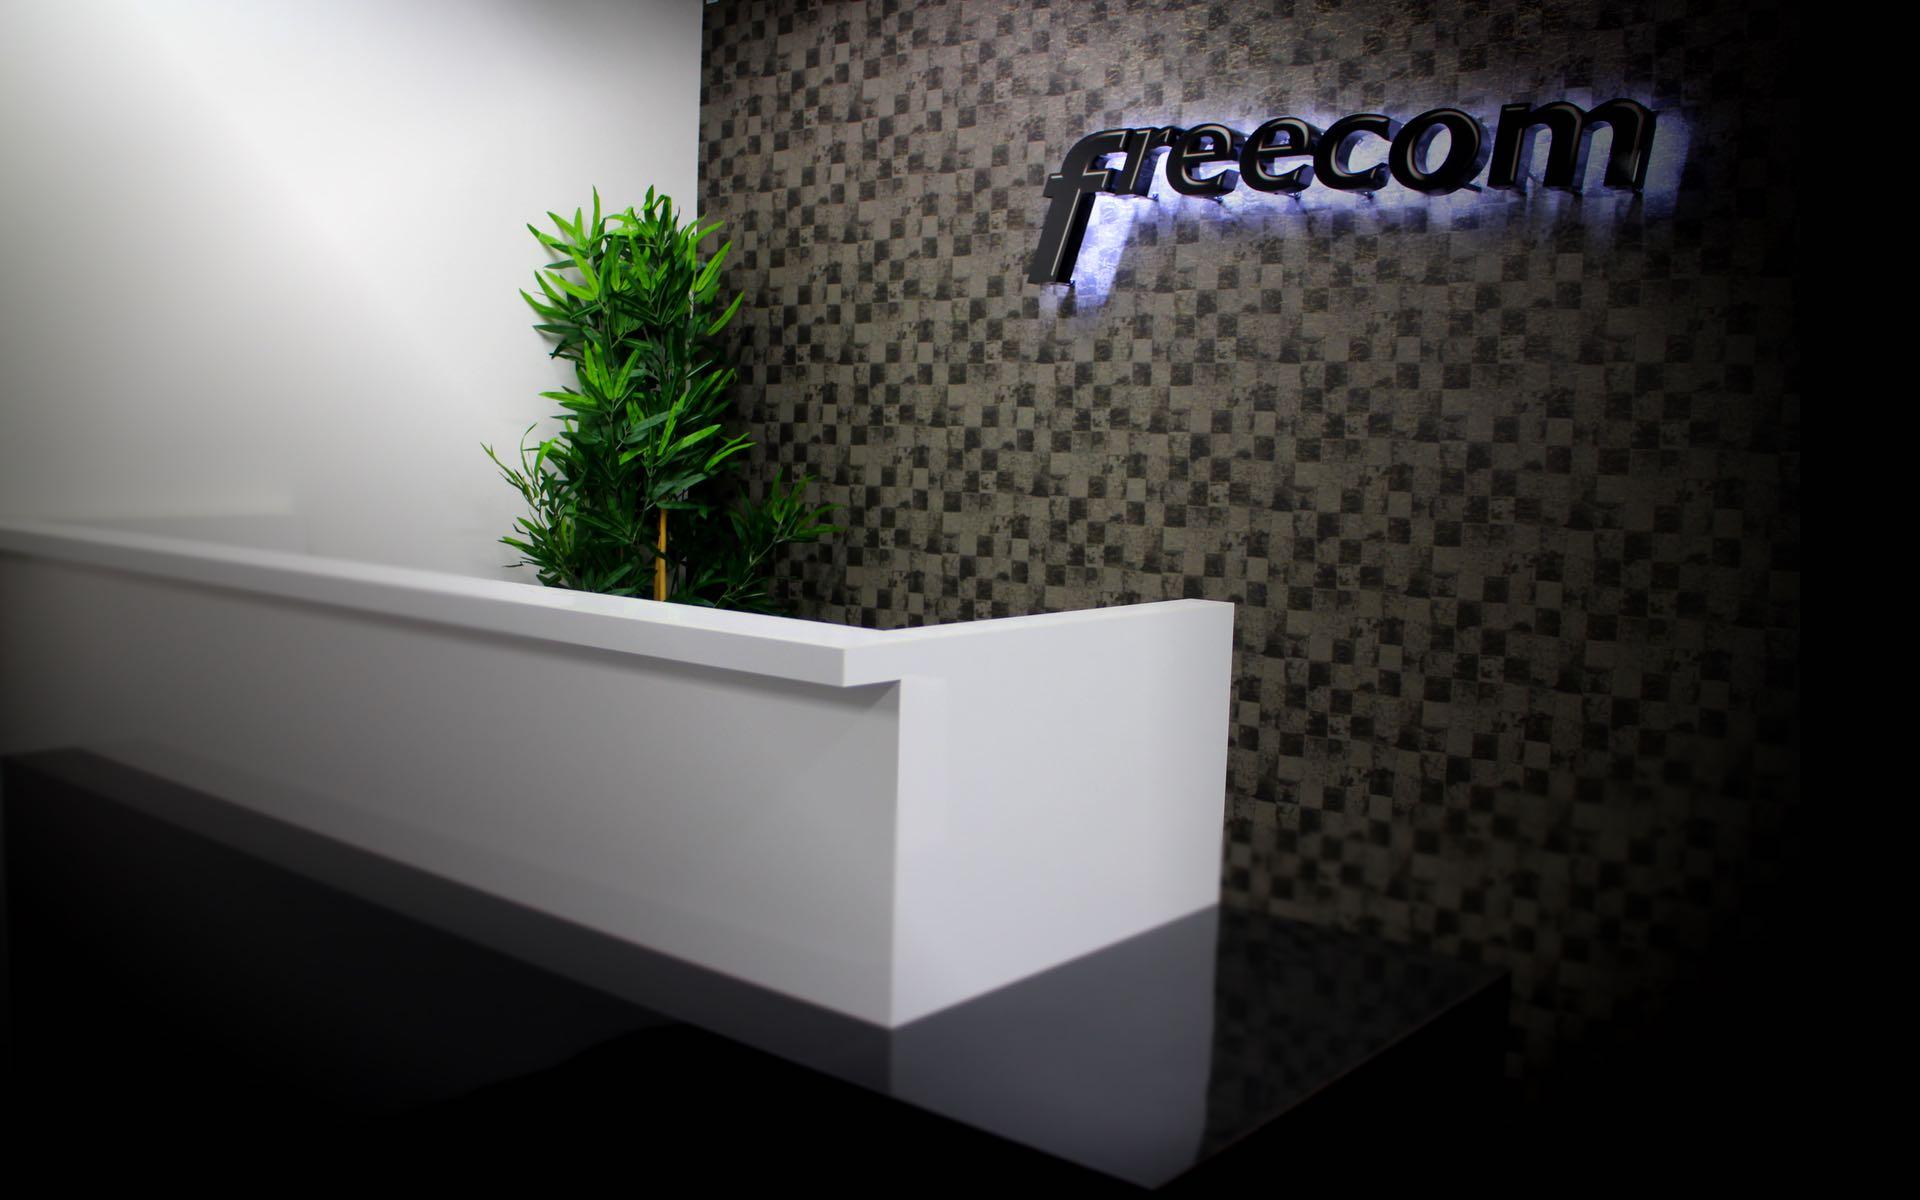 Freecom HP background image